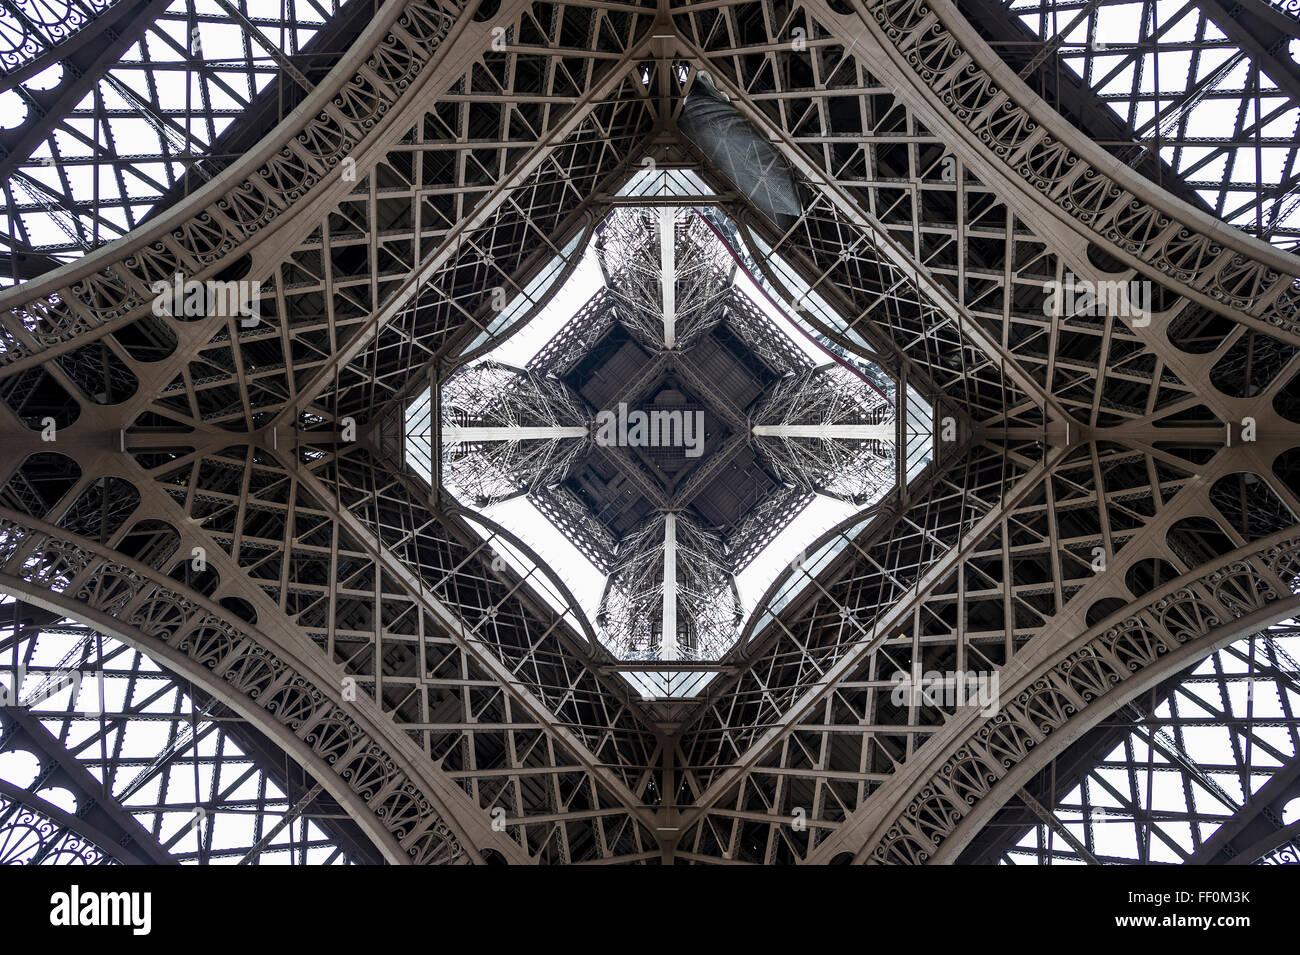 Torre Eiffel, visto dal di sotto, Parigi, Ile-de-France, Francia Immagini Stock